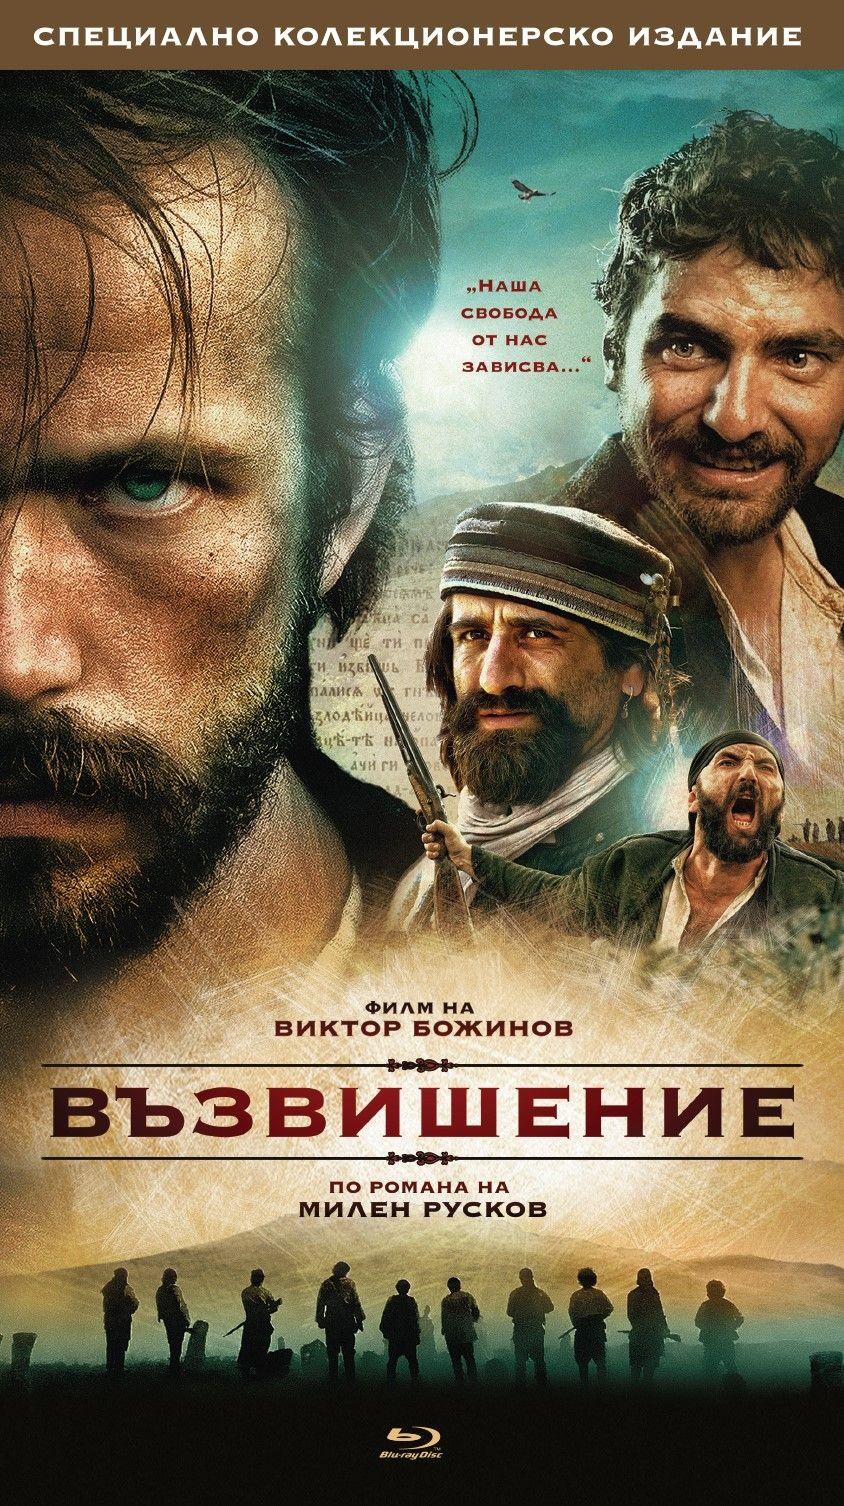 Възвишение (Blu-ray) - 1